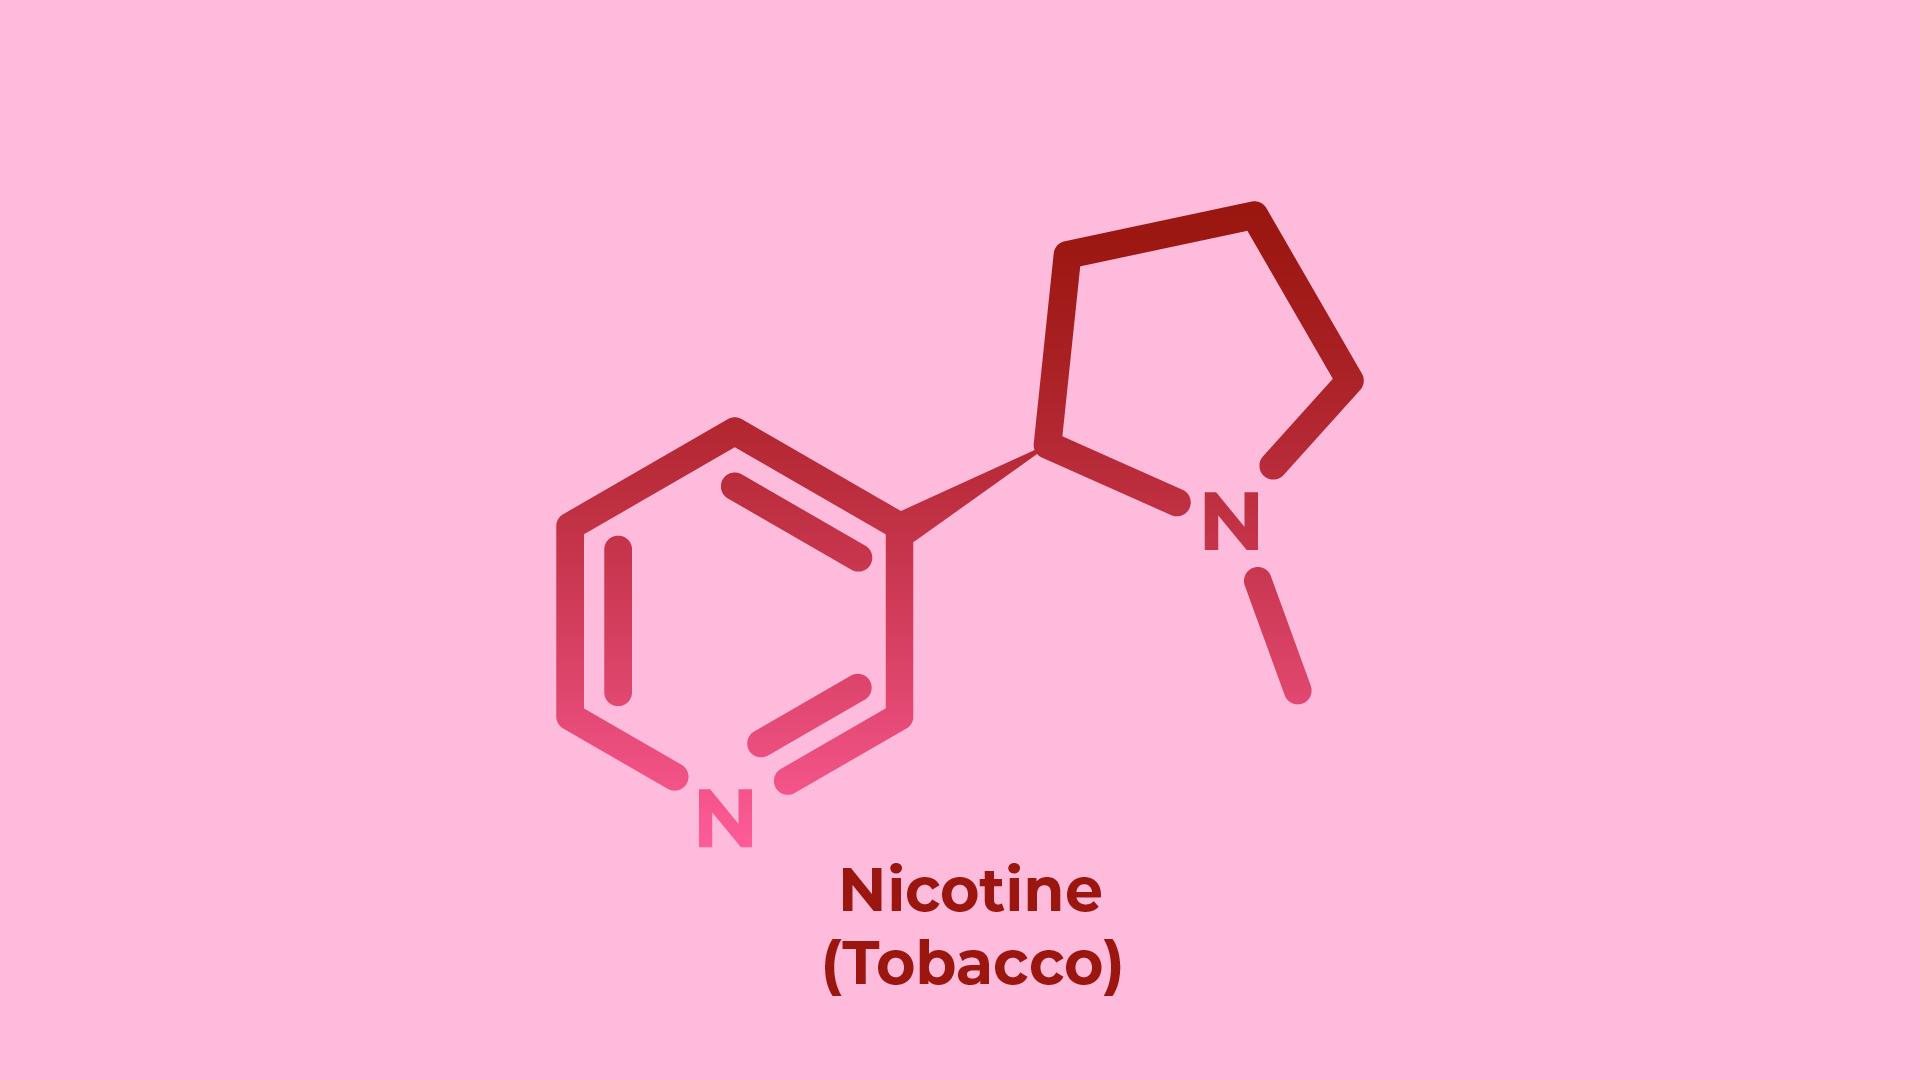 www.drugscience.org.uk